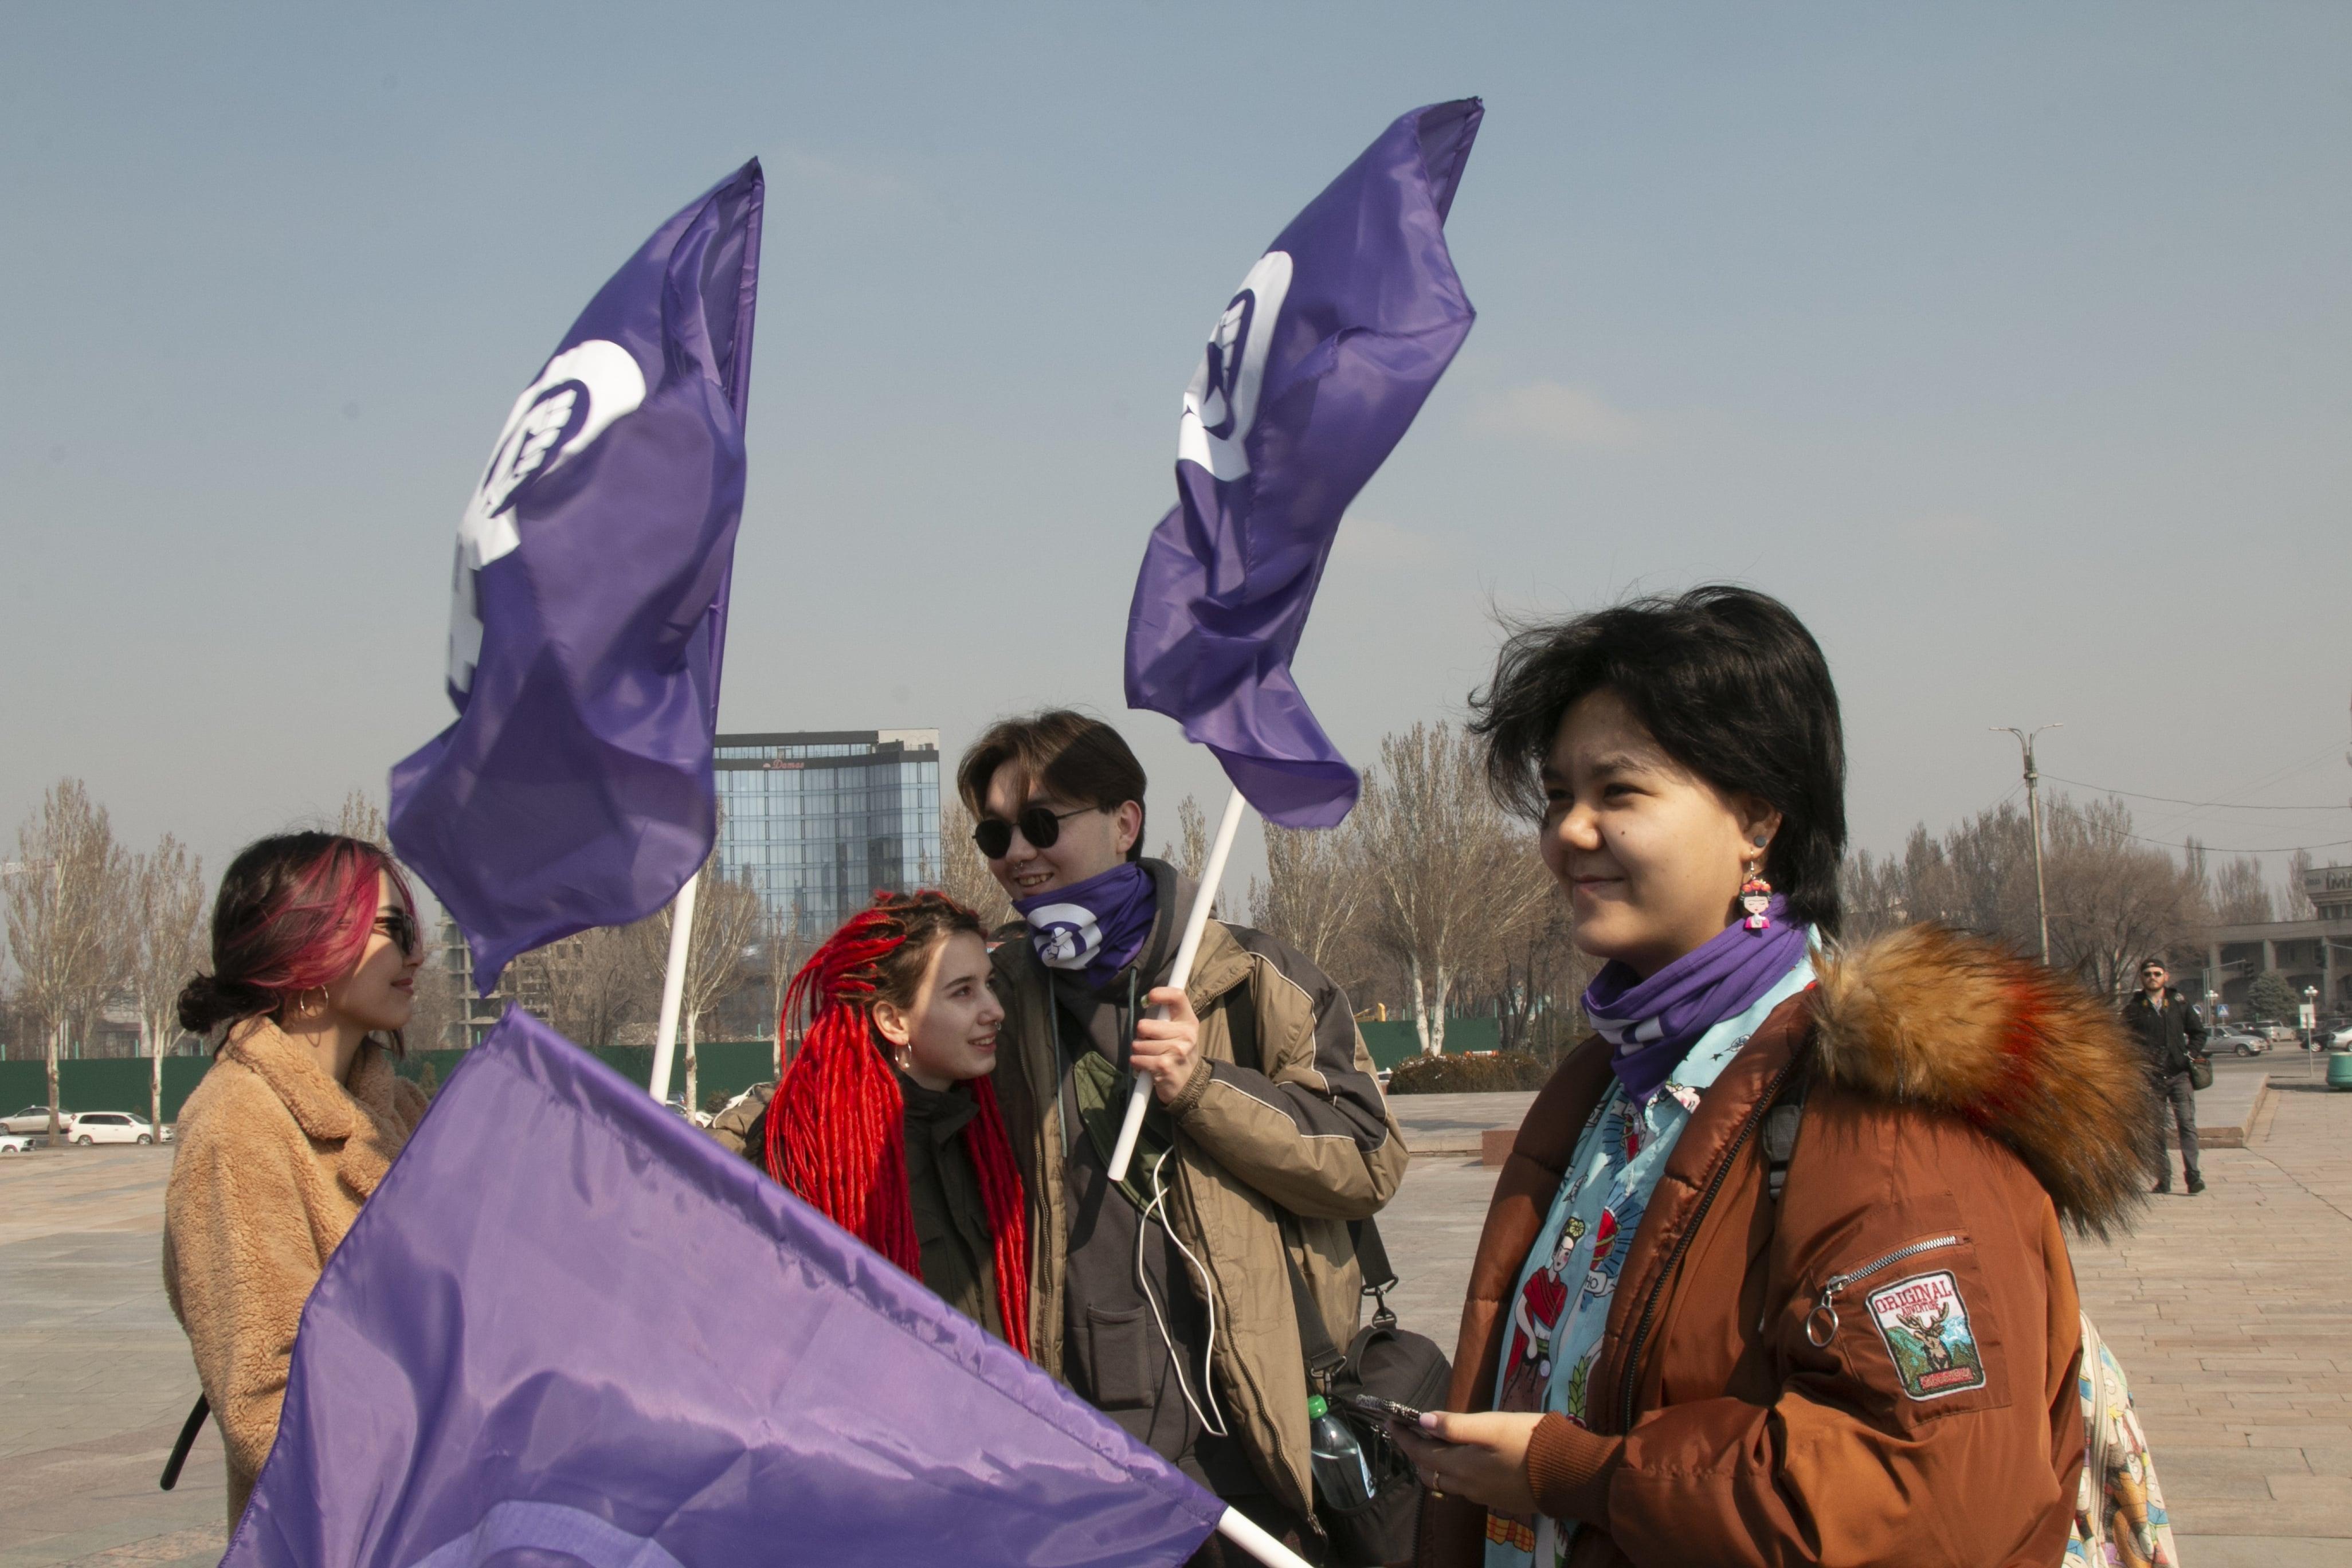 Мирному маршу за права женщин в Бишкеке — быть: активисты обжаловали решение суда, ограничивающее мирные собрания